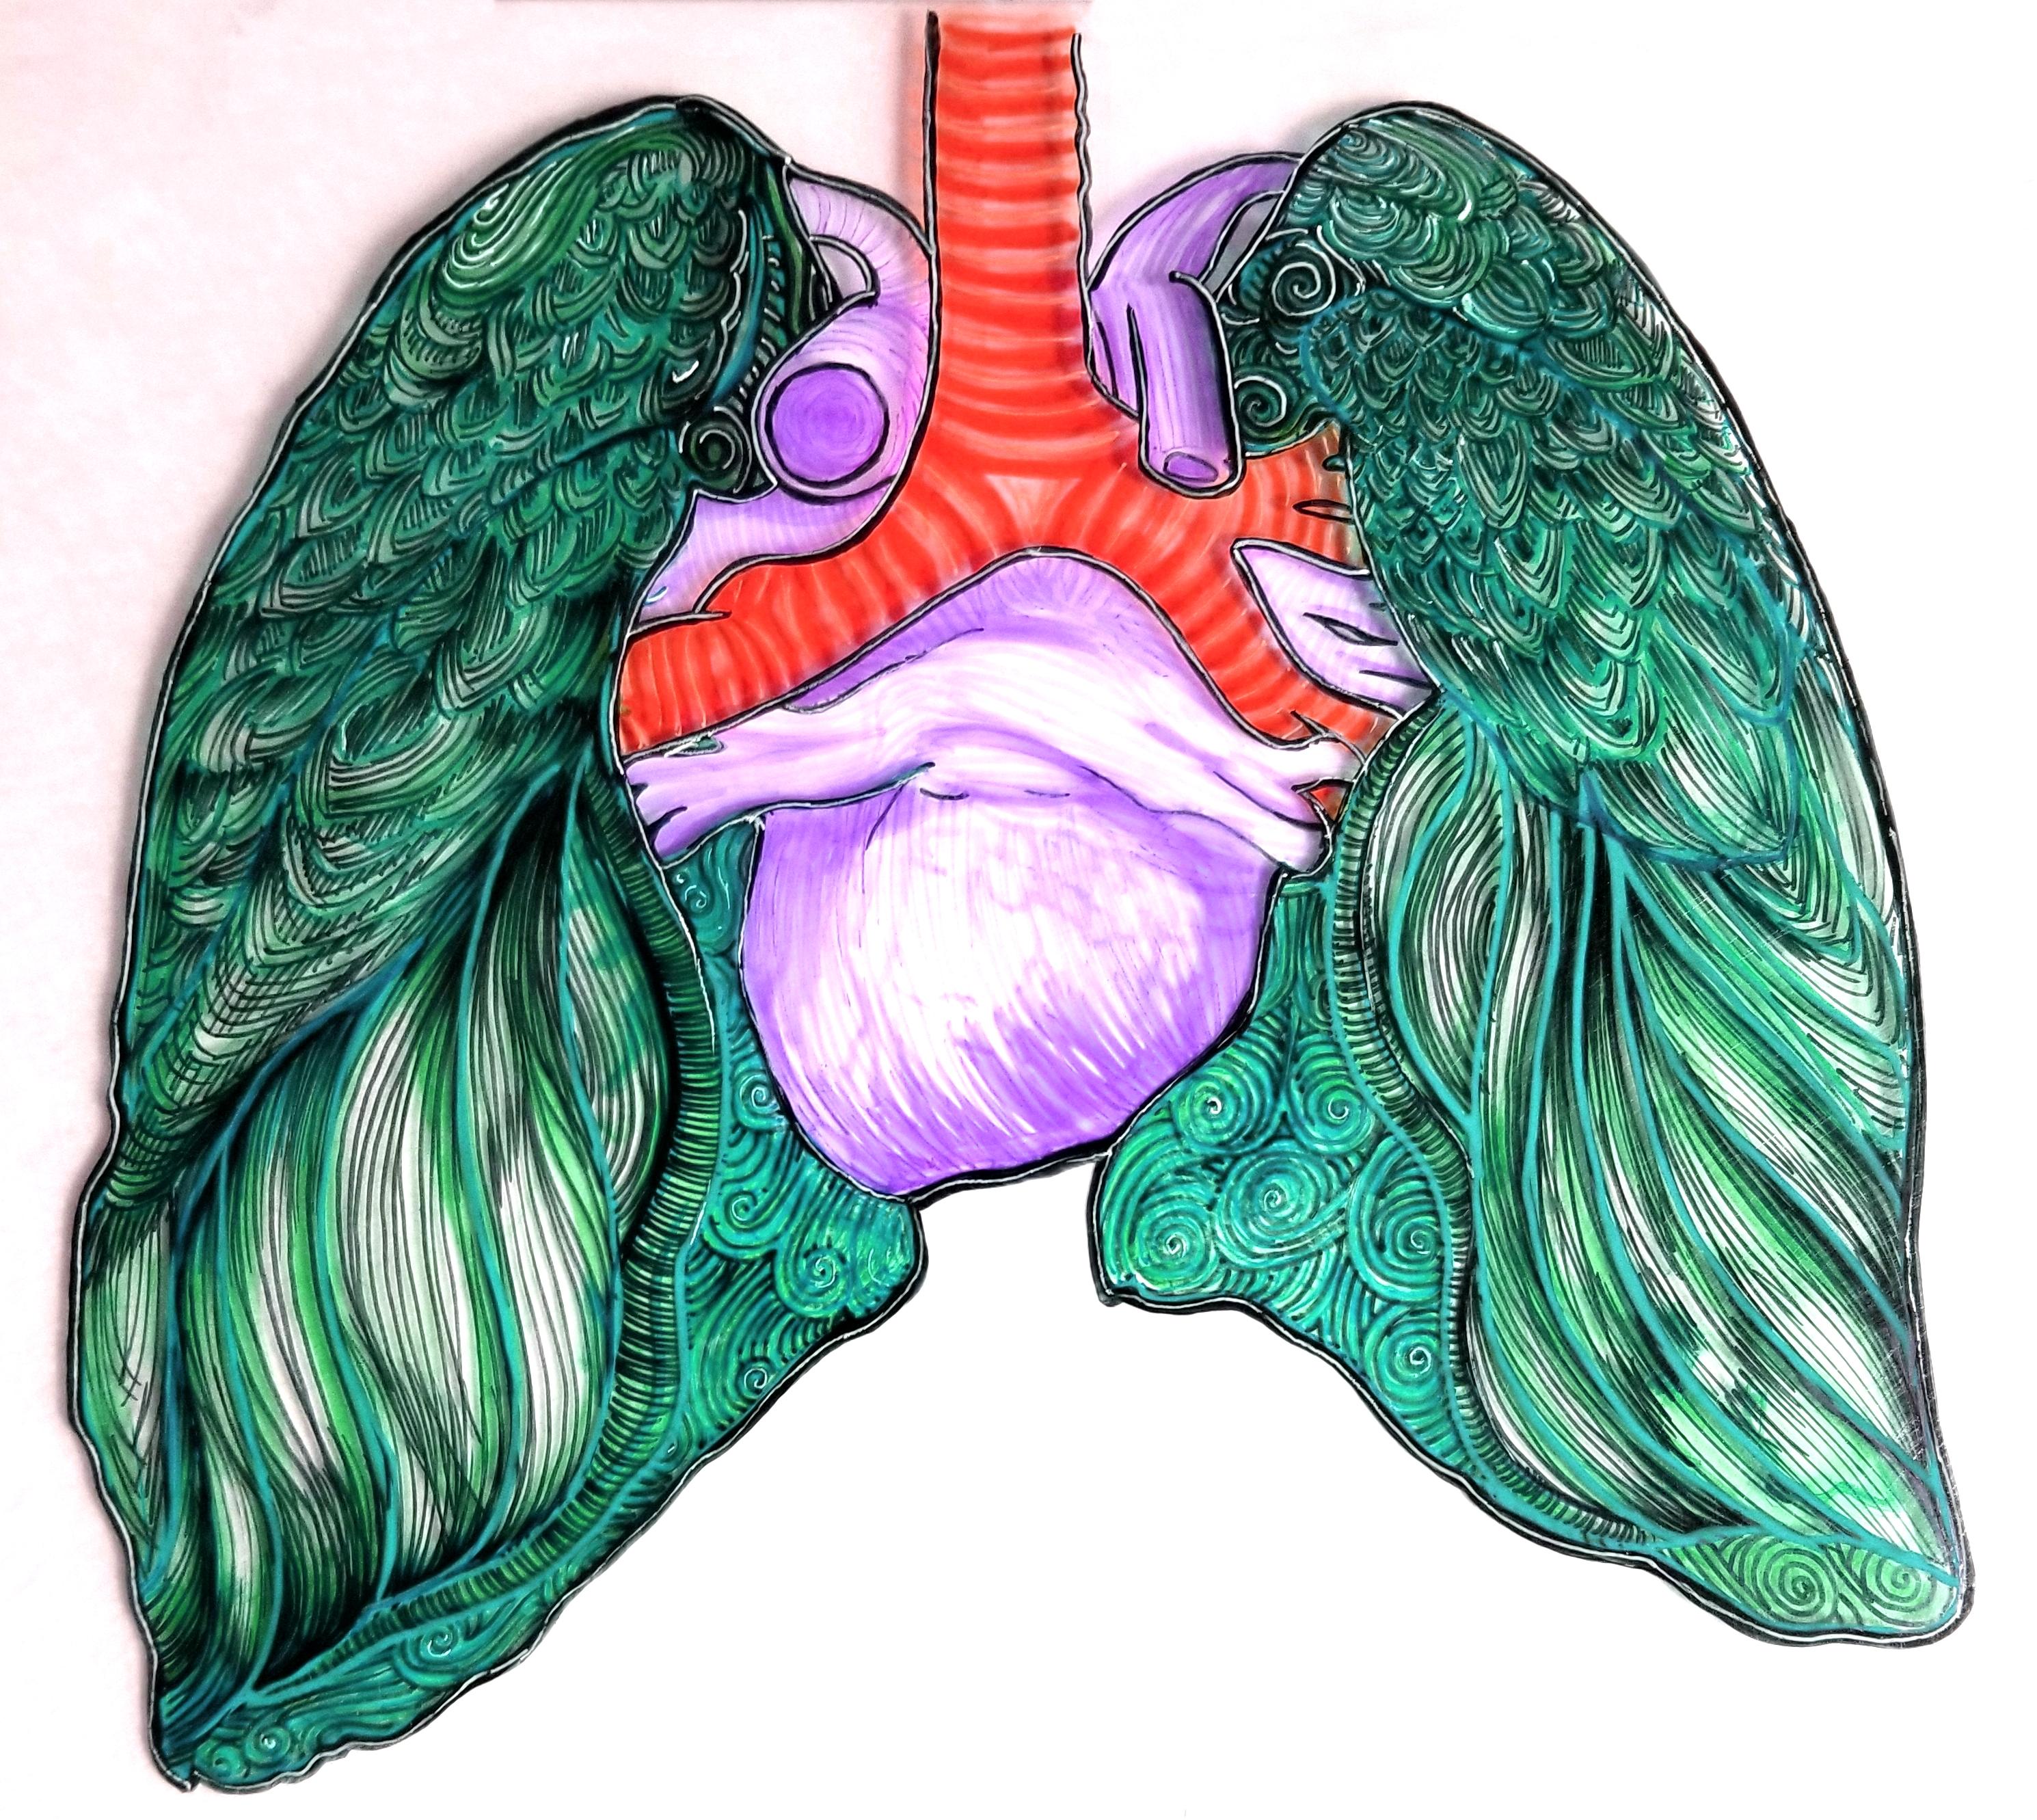 Green Lung, purple heart